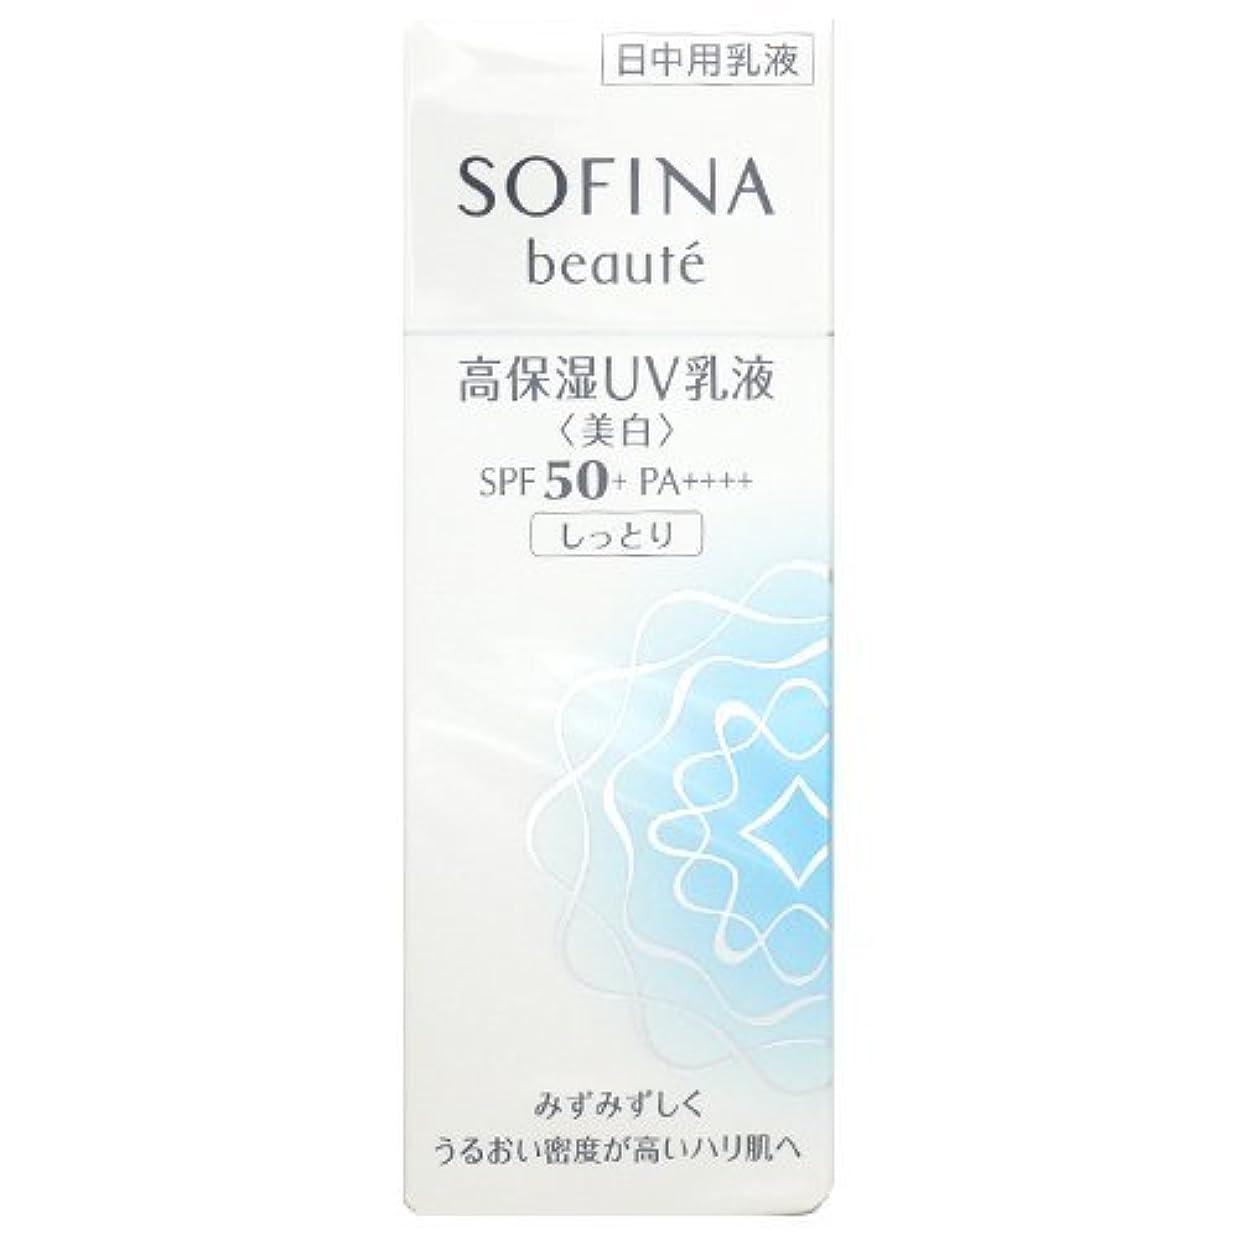 わずかな光沢平和な花王 ソフィーナ ボーテ SOFINA beaute 高保湿UV乳液 美白 SPF50+ PA++++ しっとり 30g [並行輸入品]